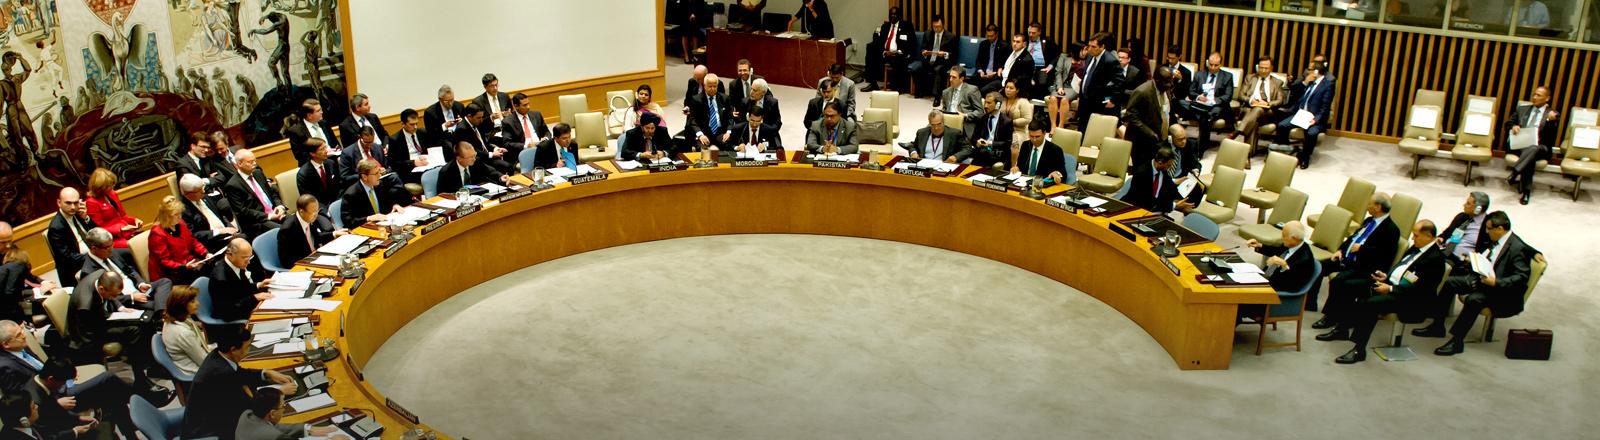 Der UN-Sicherheitsrat